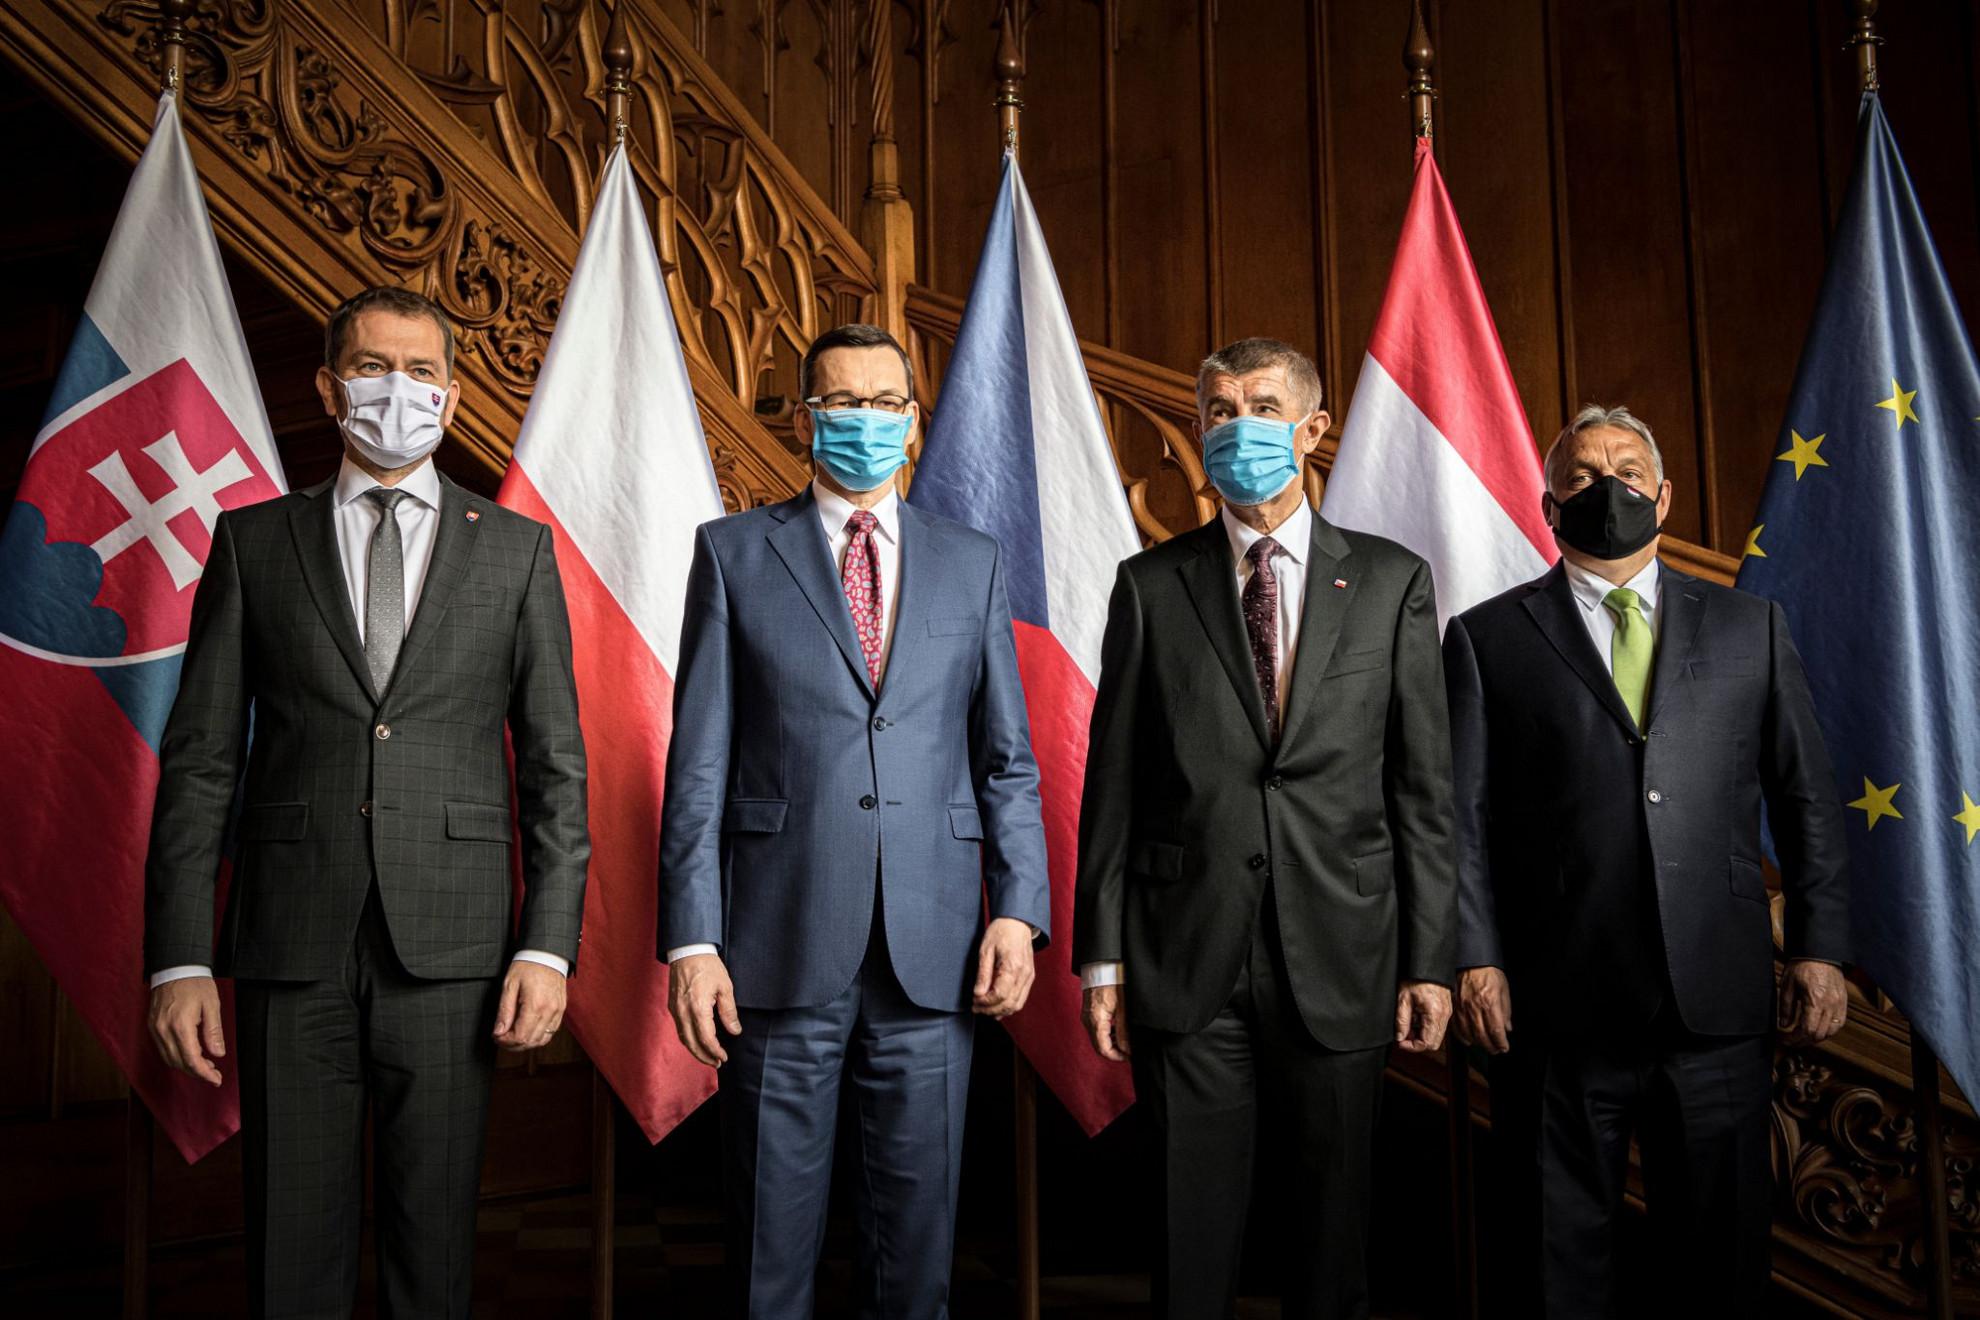 Igor Matovic szlovák, Mateusz Morawiecki lengyel, Andrej Babis cseh és Orbán Viktor magyar miniszterelnök (b-j) a visegrádi országok (V4) kormányfői csúcstalálkozóján a csehországi Lednicében